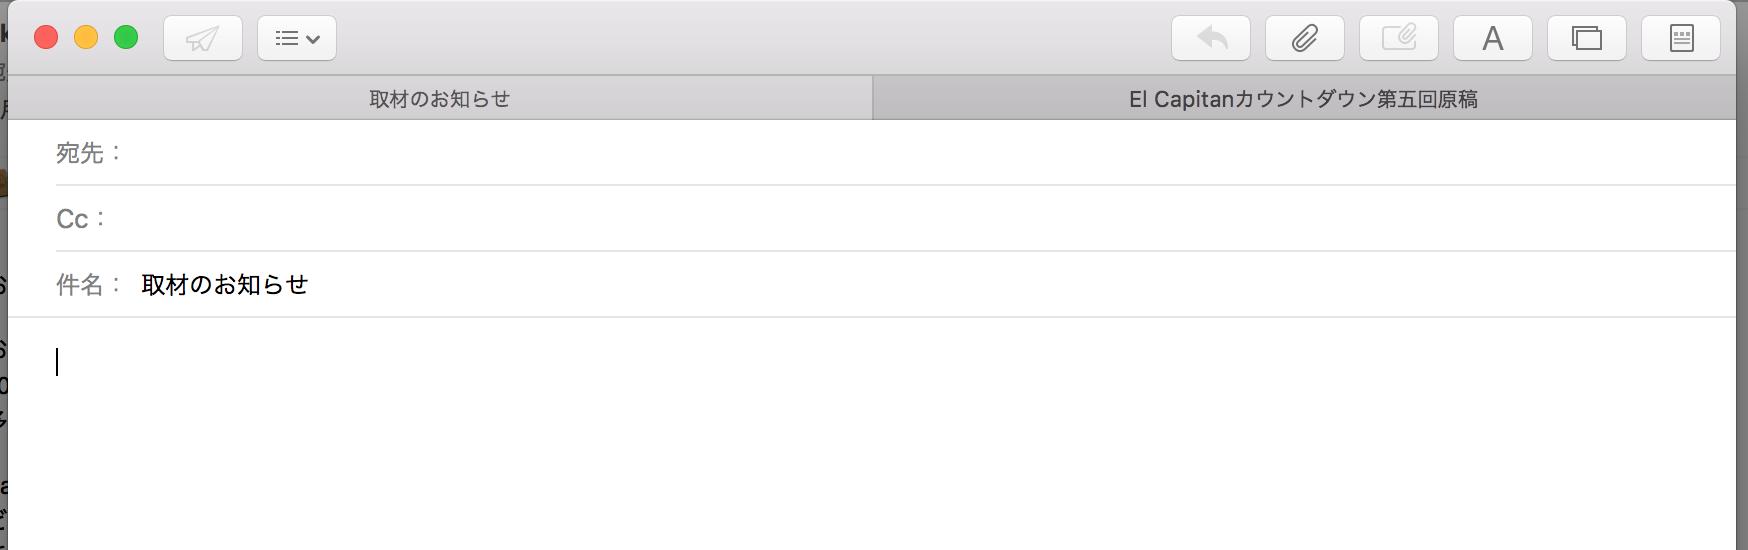 これまではウィンドウ表示で行なうしかなかった複数メールの同時作成もタブ表示で並行して行なえる